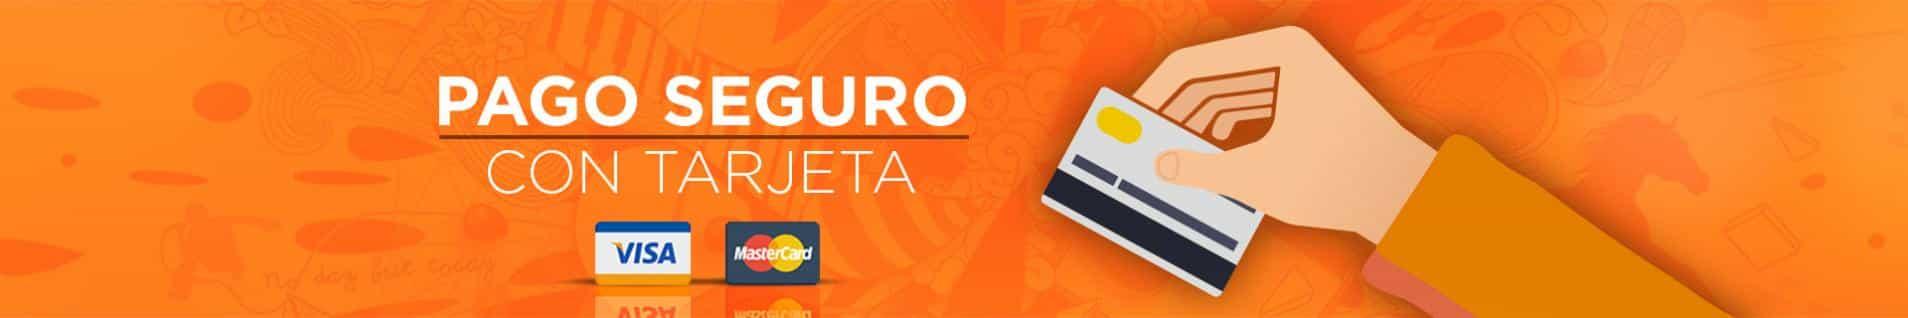 Pago seguro con tarjeta en Salamanca